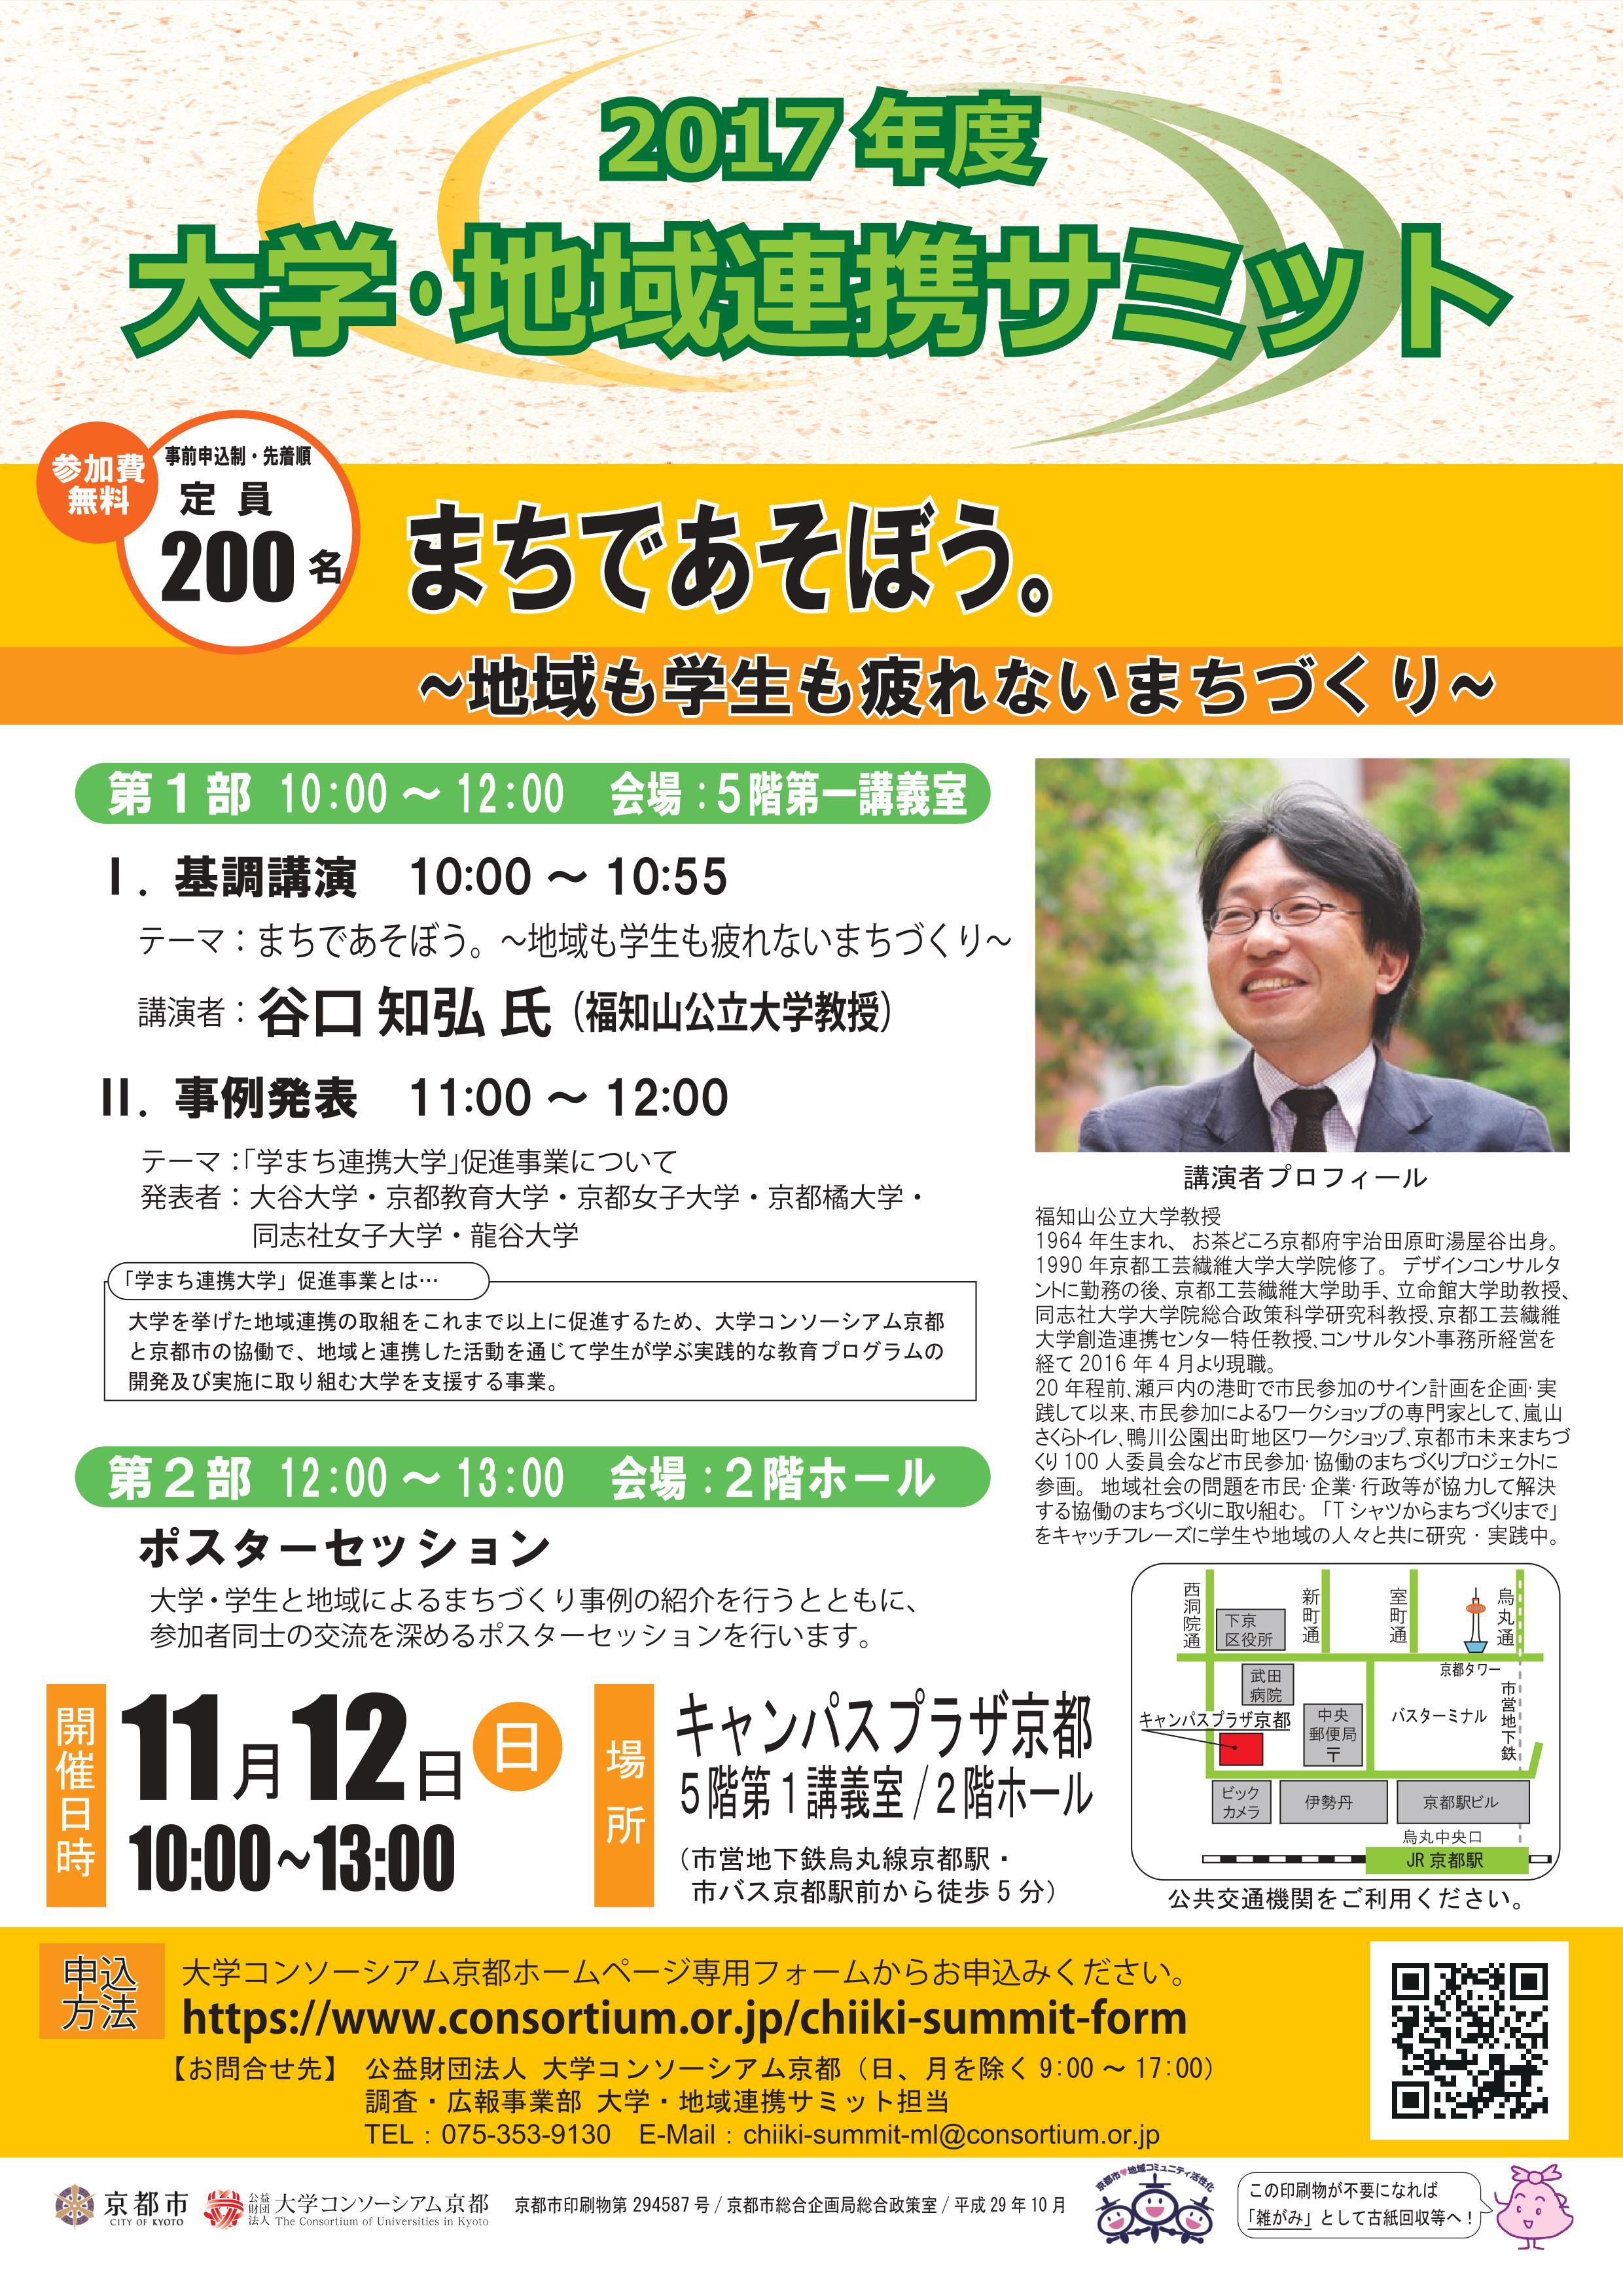 【本イベントは終了いたしました】「大学・地域連携サミット」の開催について